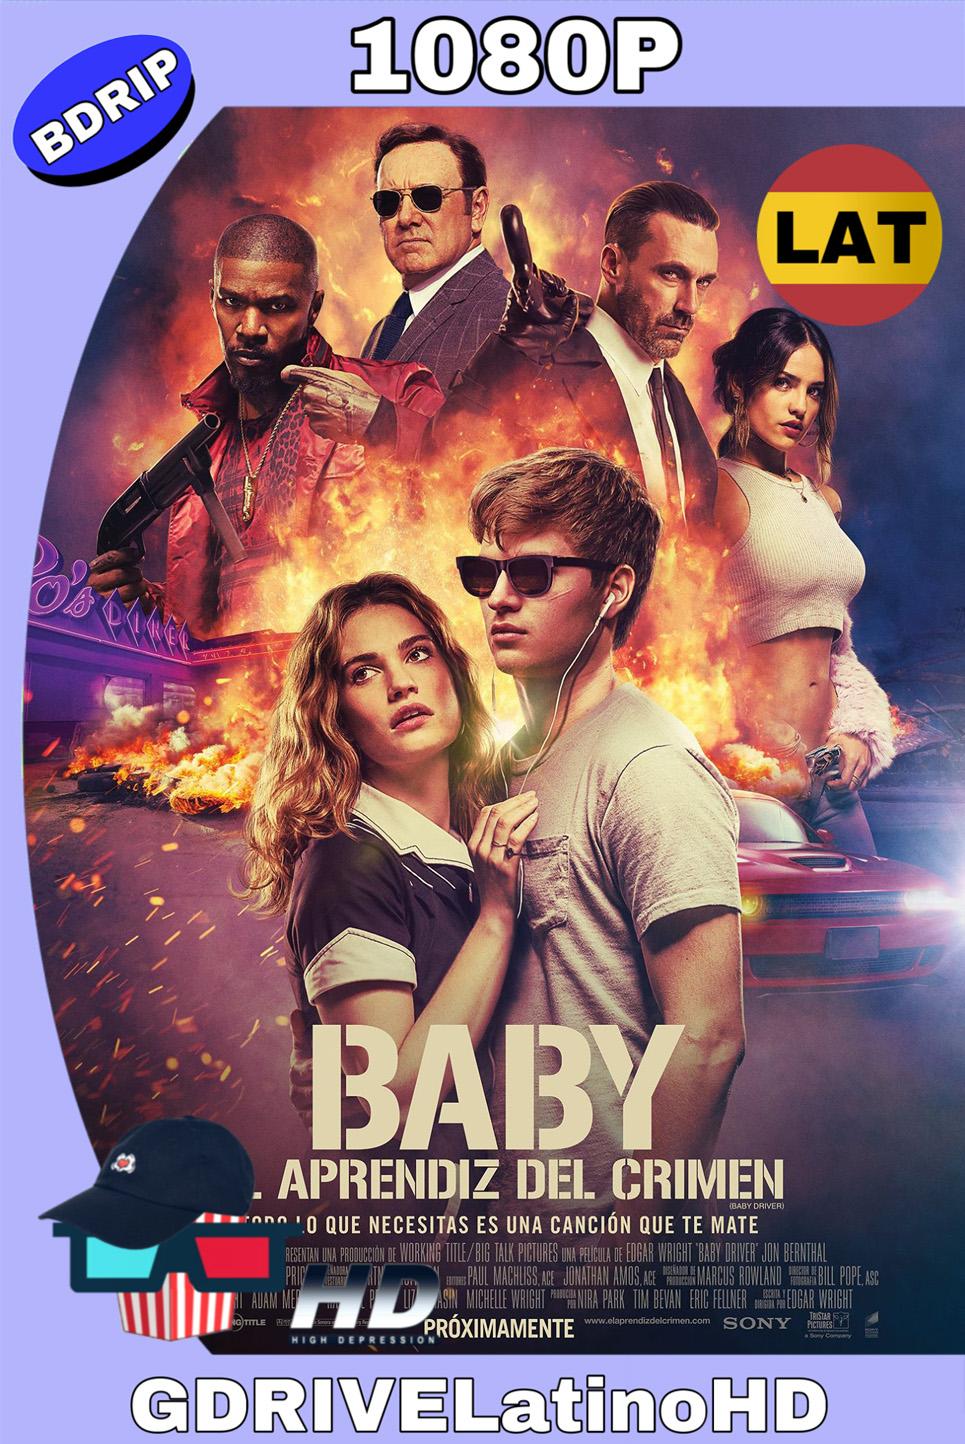 Baby El Aprendiz Del Crimen (2017) BDRIP 1080p (60 FPS) Latino Inglés MKV